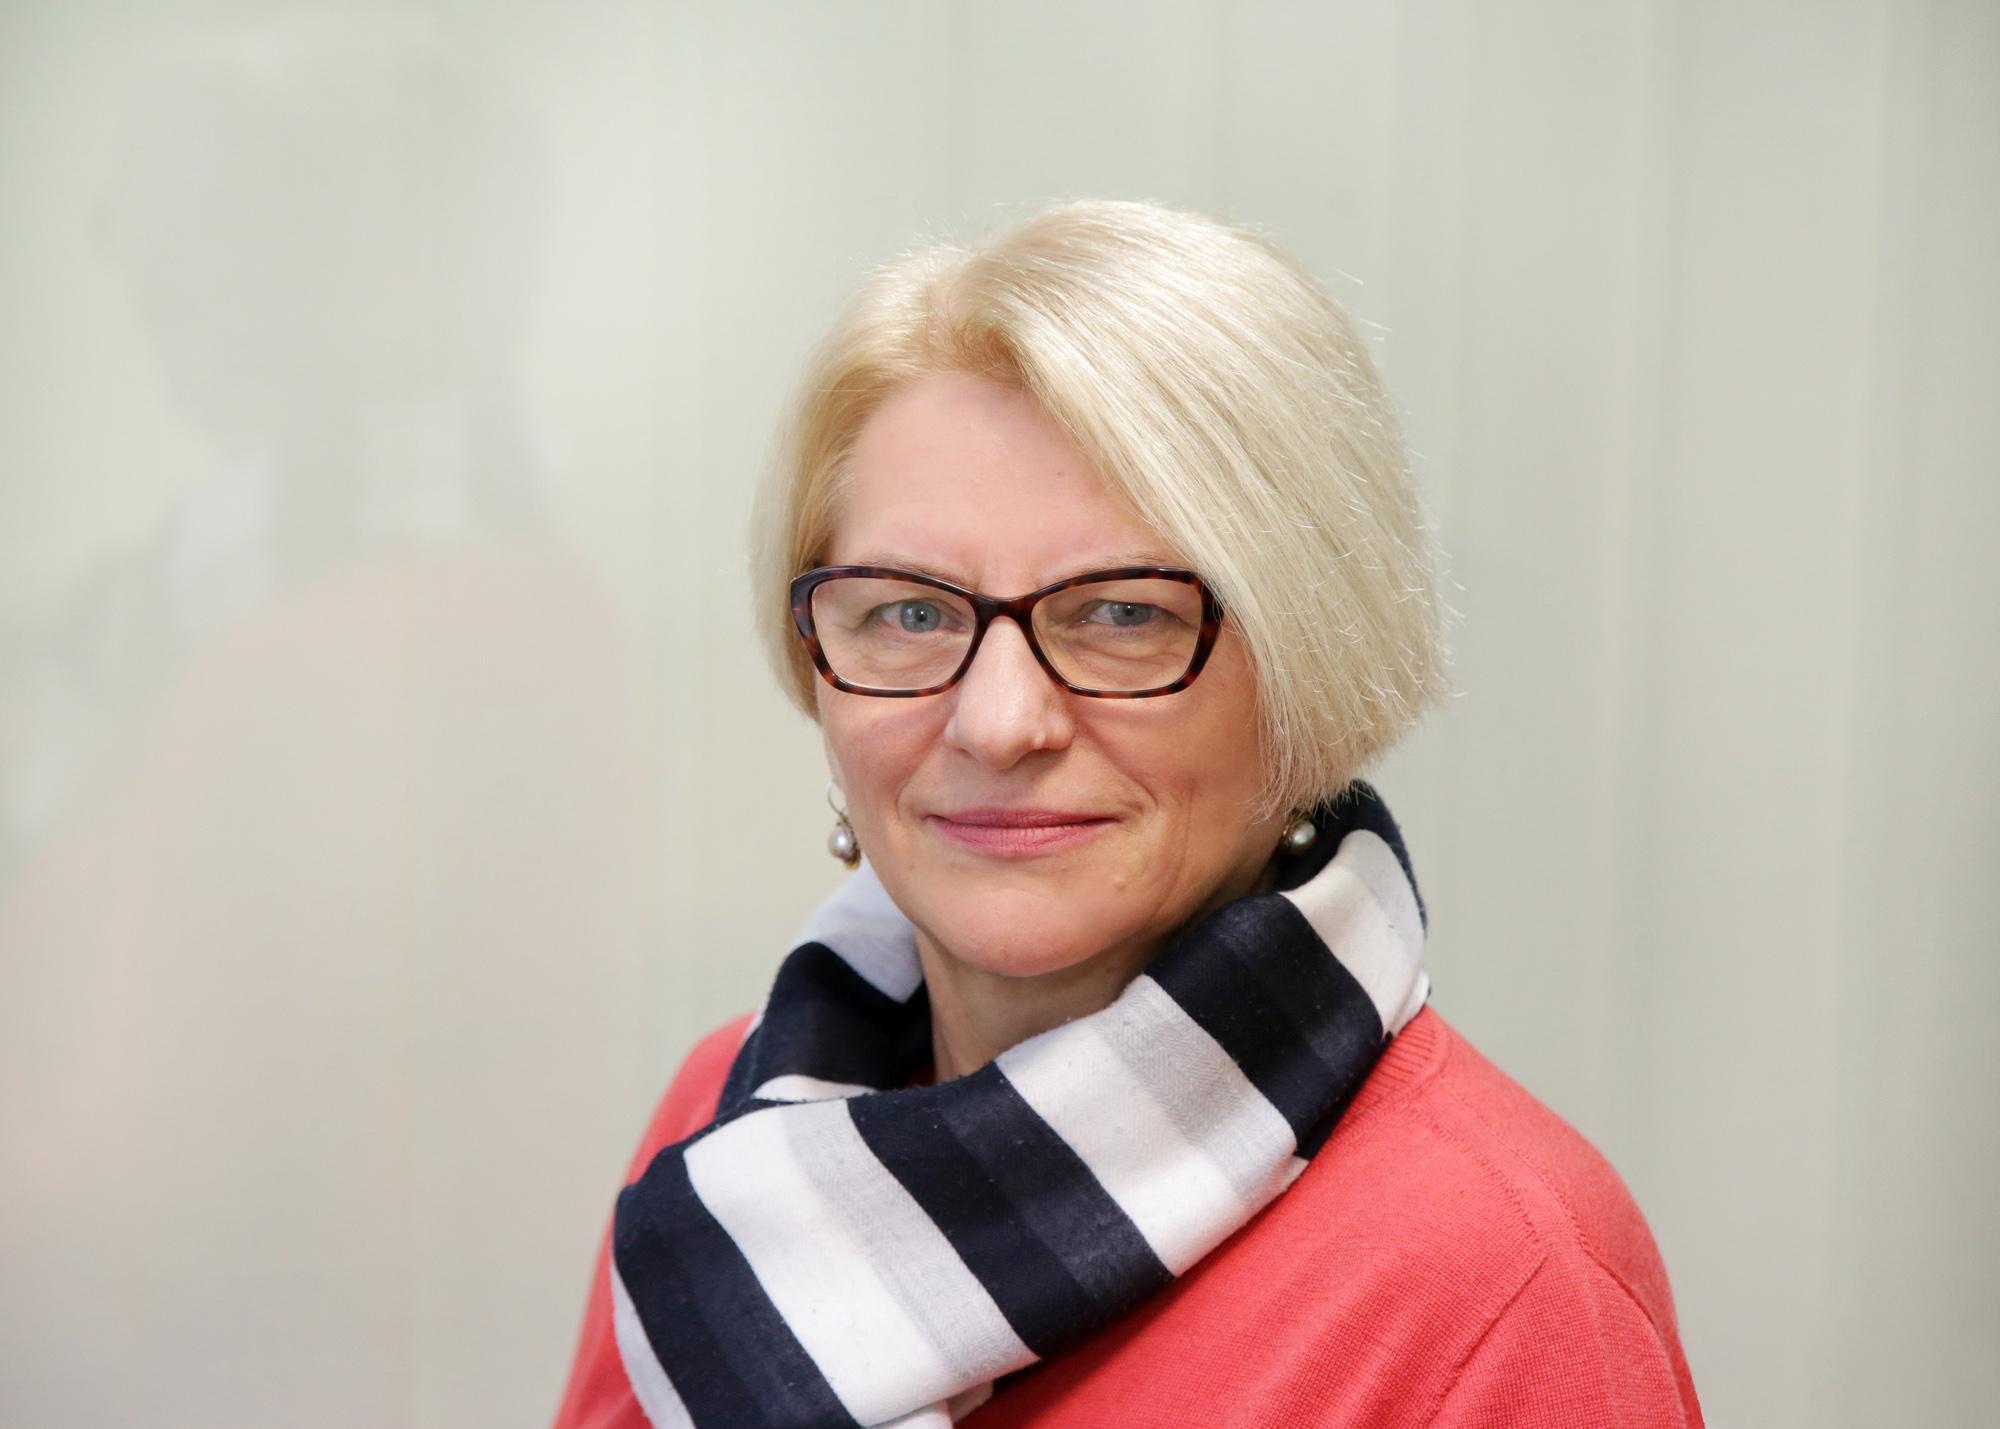 """Nijolė Naujokienė: """"Ėjimas prieš įstatymą geresnės teisinės bazės nesukuria.""""/ Giedrės Minelgaitės-Dautorės/ """"Rinkos aikštės """" archyvo nuotr."""